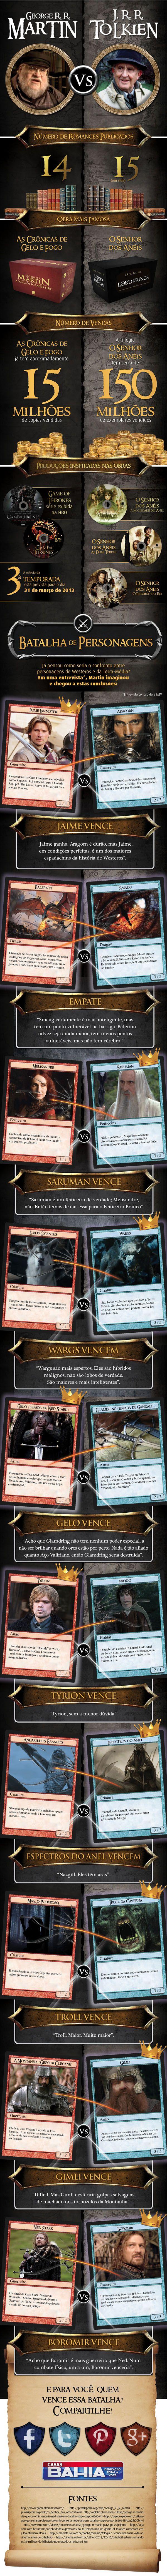 São amores diferentes. E não se compara amores, hunf! Hahahaha  Infográfico – Senhor dos Anéis x Game of Thrones